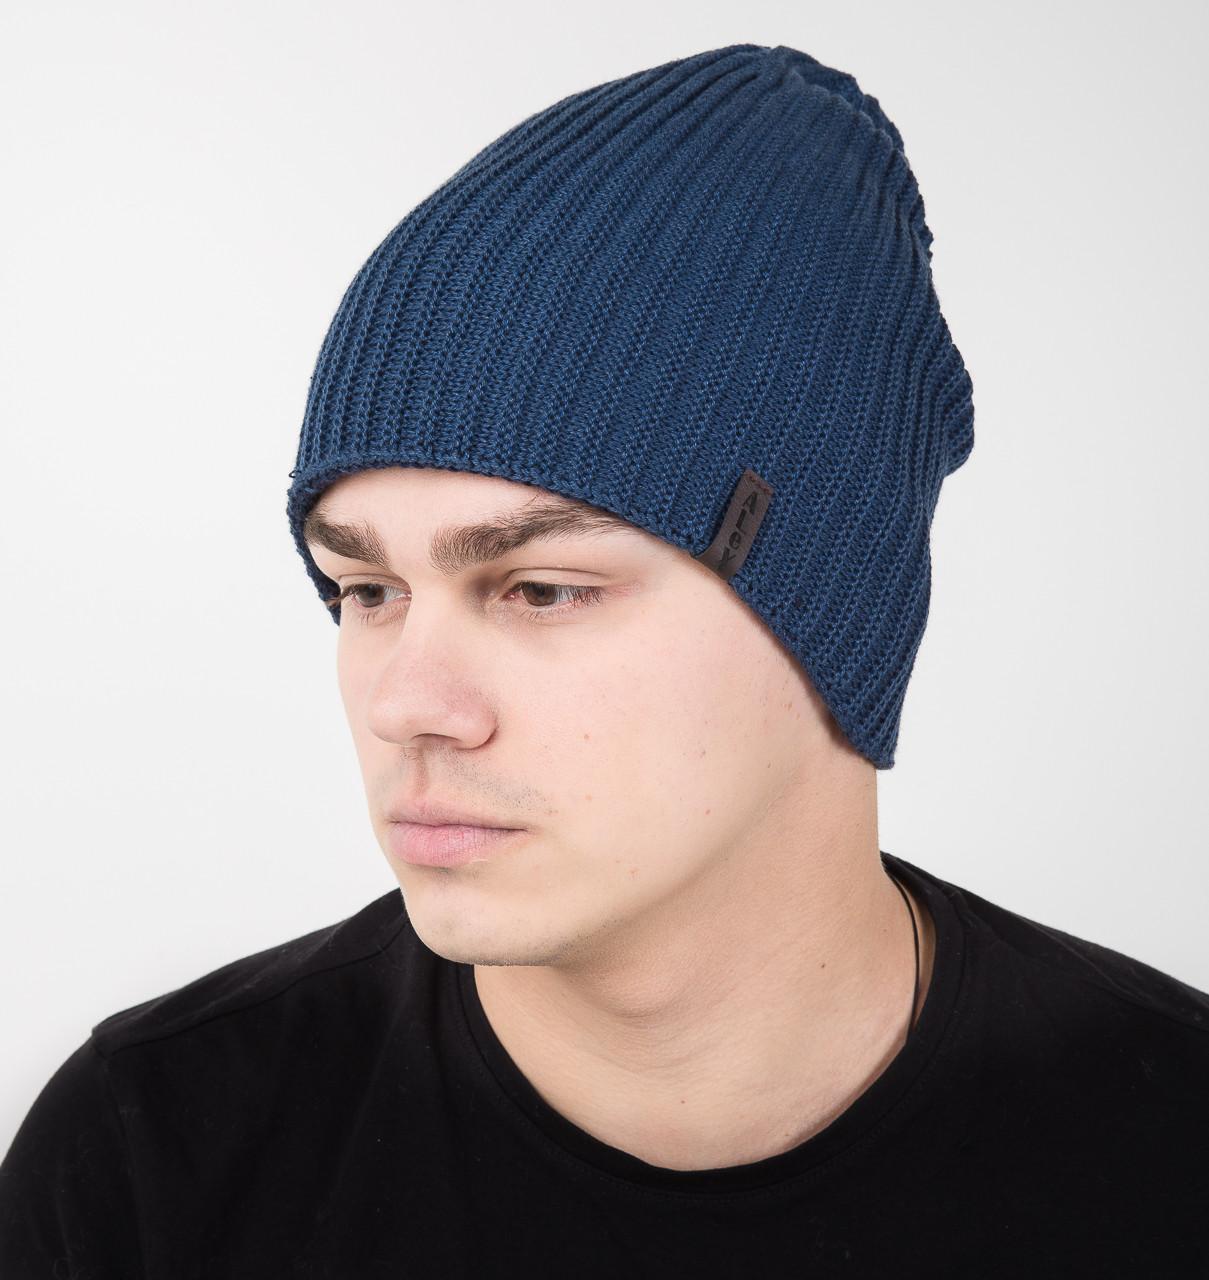 Новинка сезона 2018 мужская шапка на флисе на 2 стороны - Арт AL17027